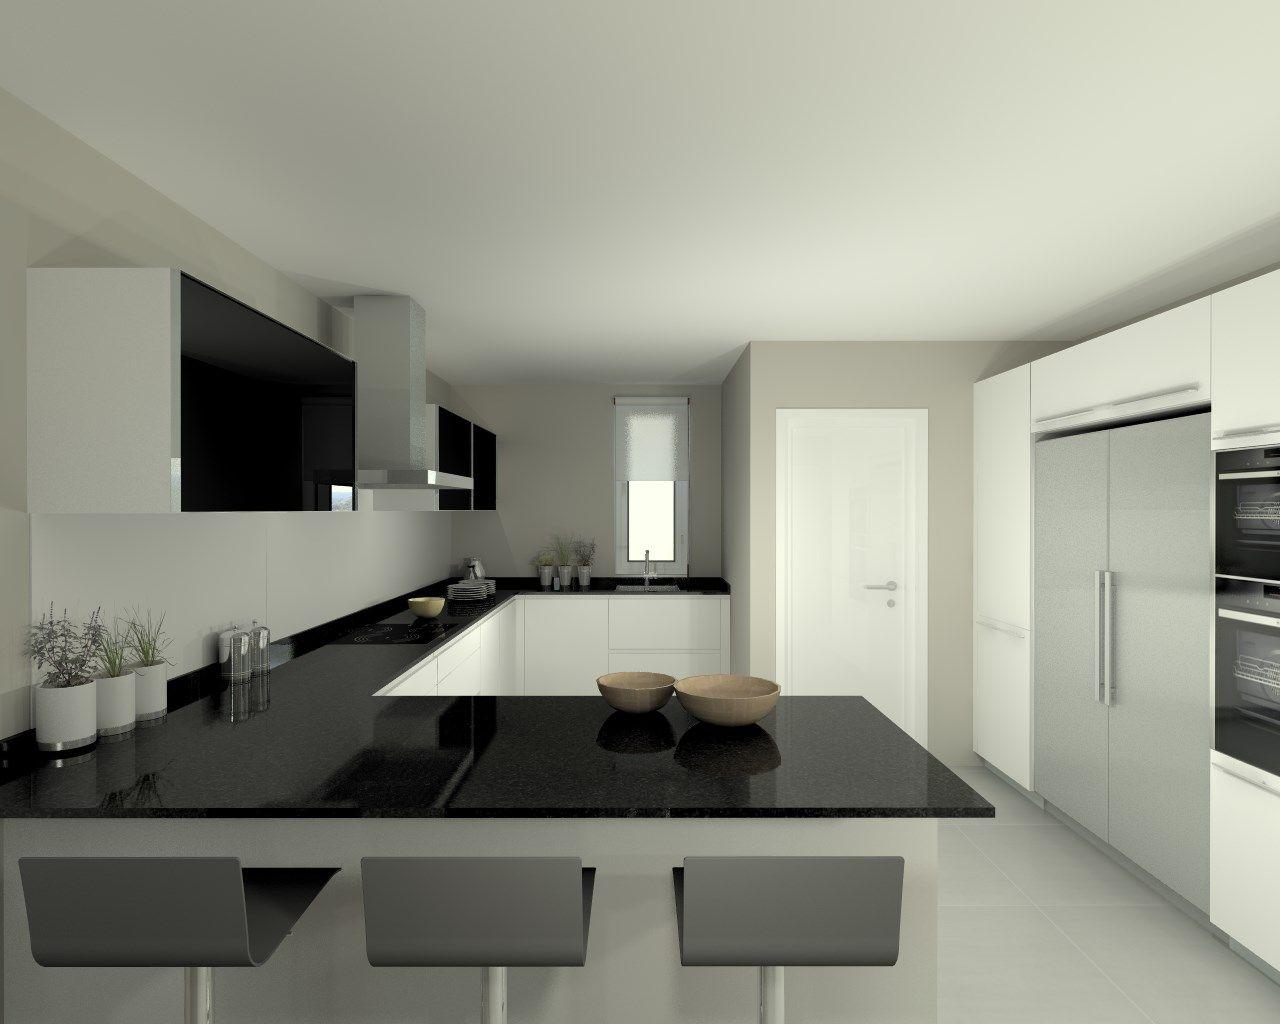 Modelo line e blanco encimera granito negro cocinas for Modelo de cocina con barra